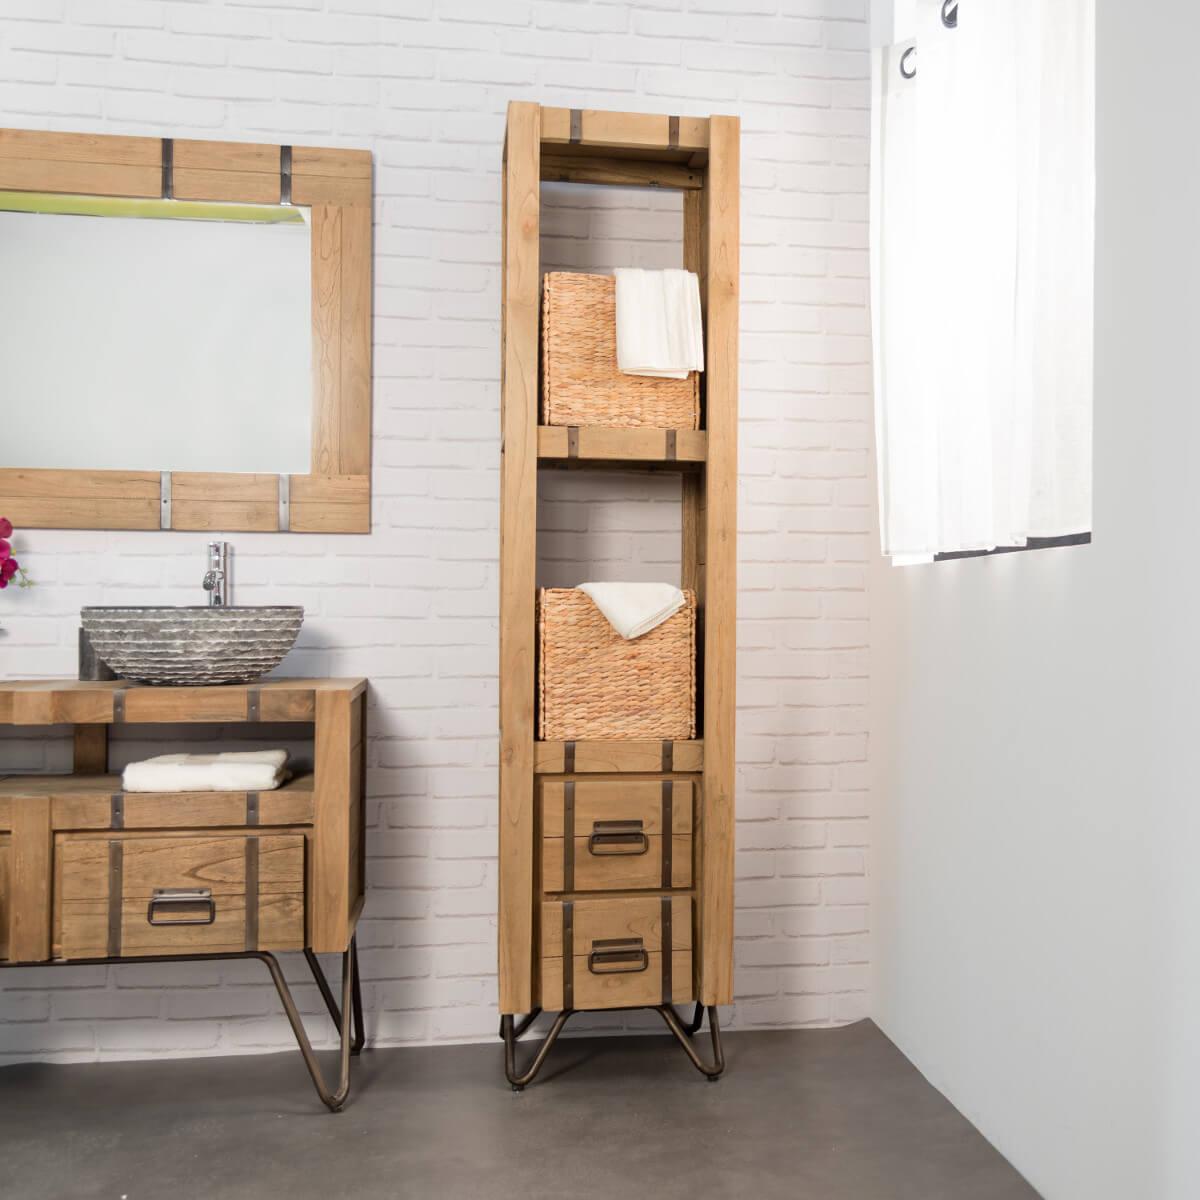 Meuble salle de bain bois brut solutions pour la - Meubles votre maison ...